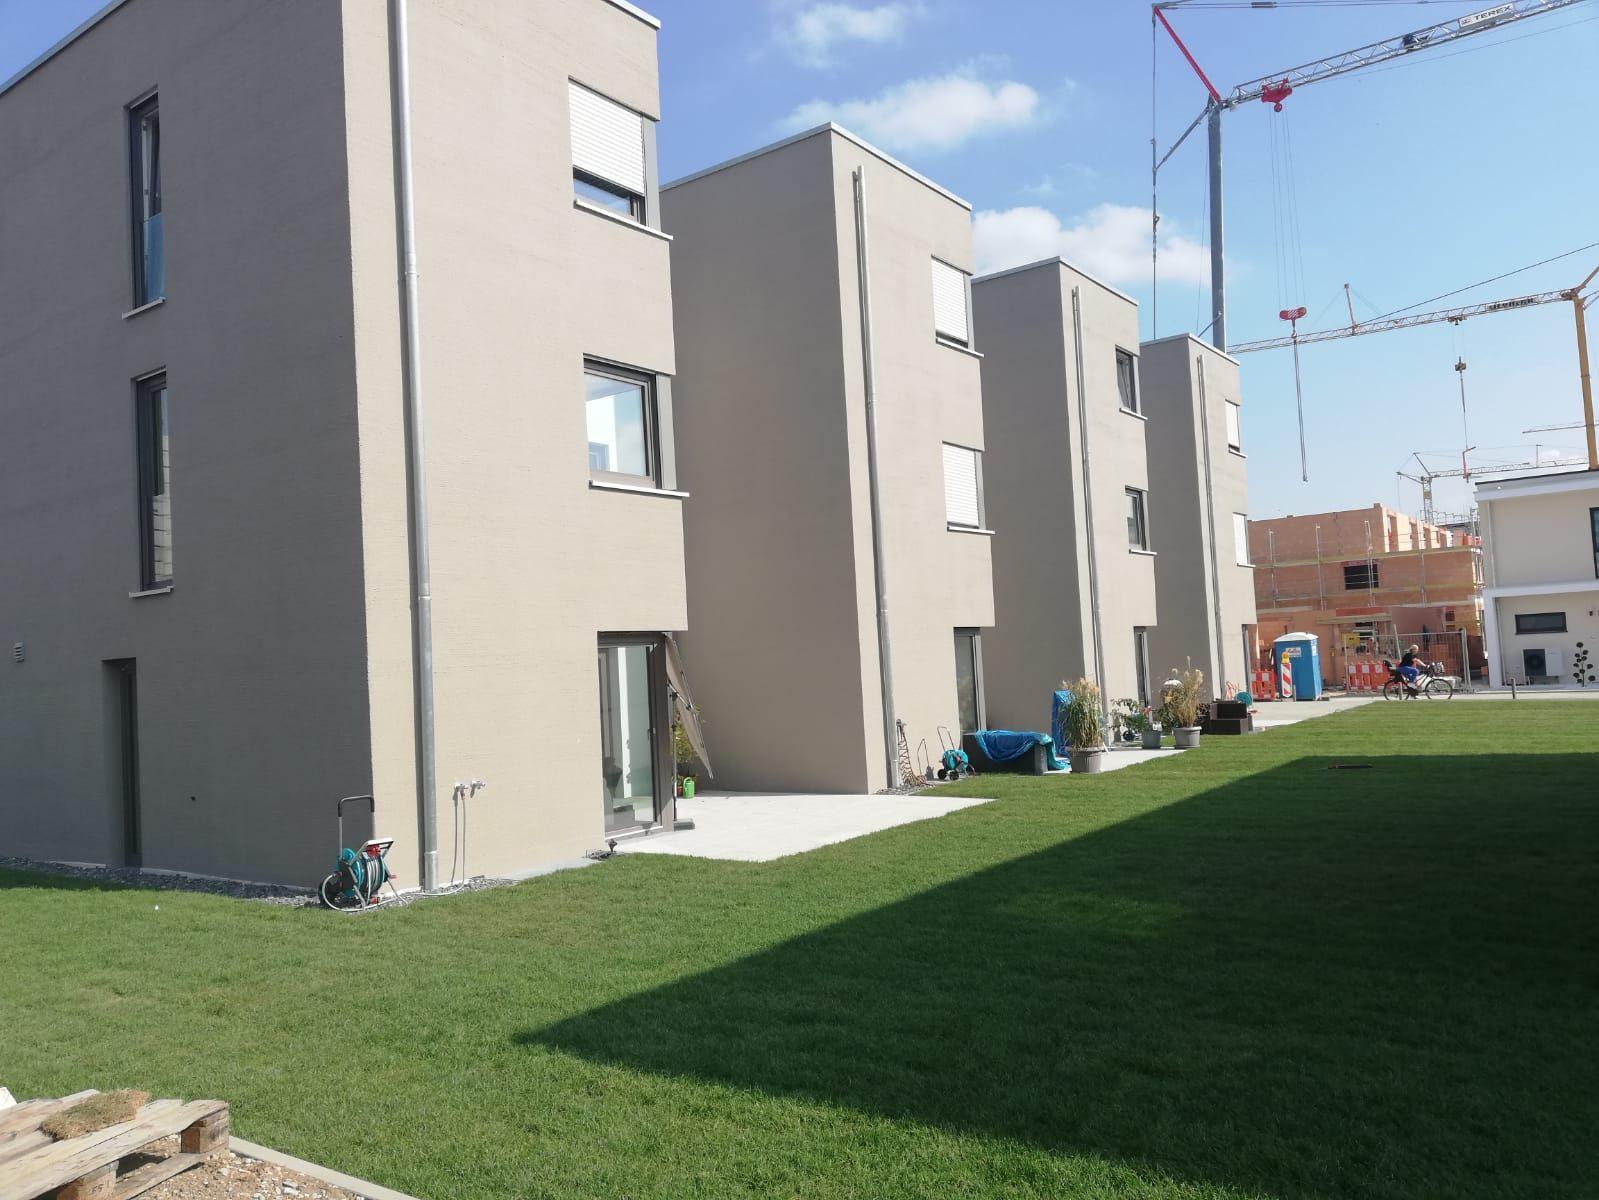 Fertigstellung Bauvorhaben - Ulmer Hofgut, September 2020